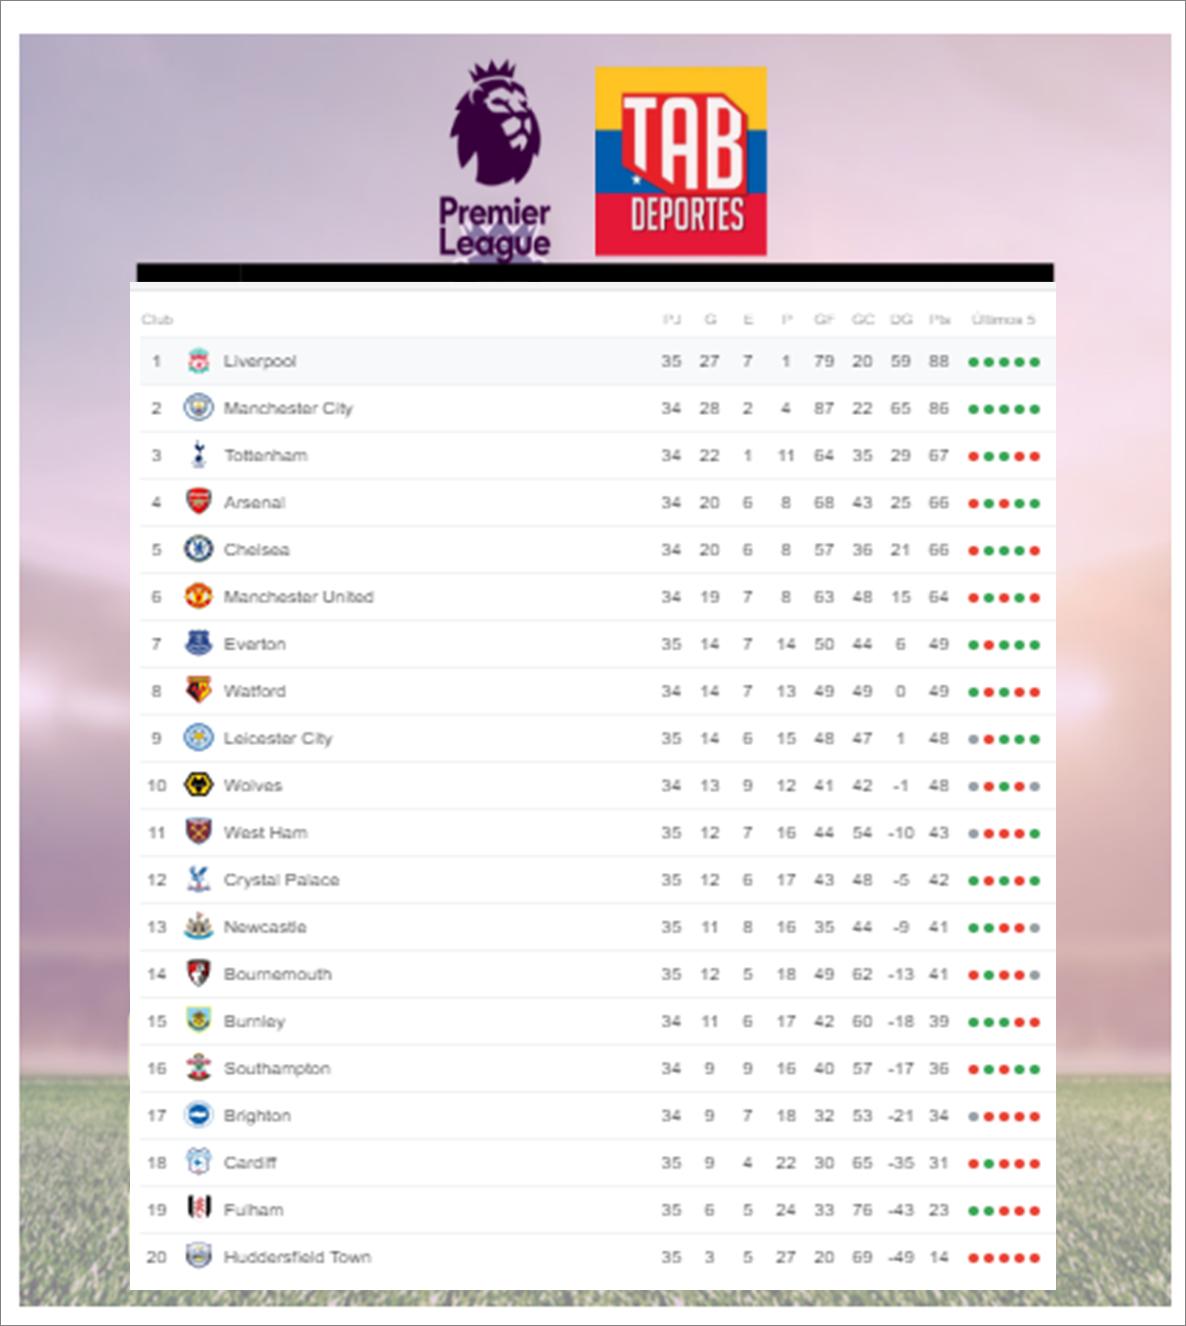 Así va la clasificación de la Premier League luego de 35 fechas